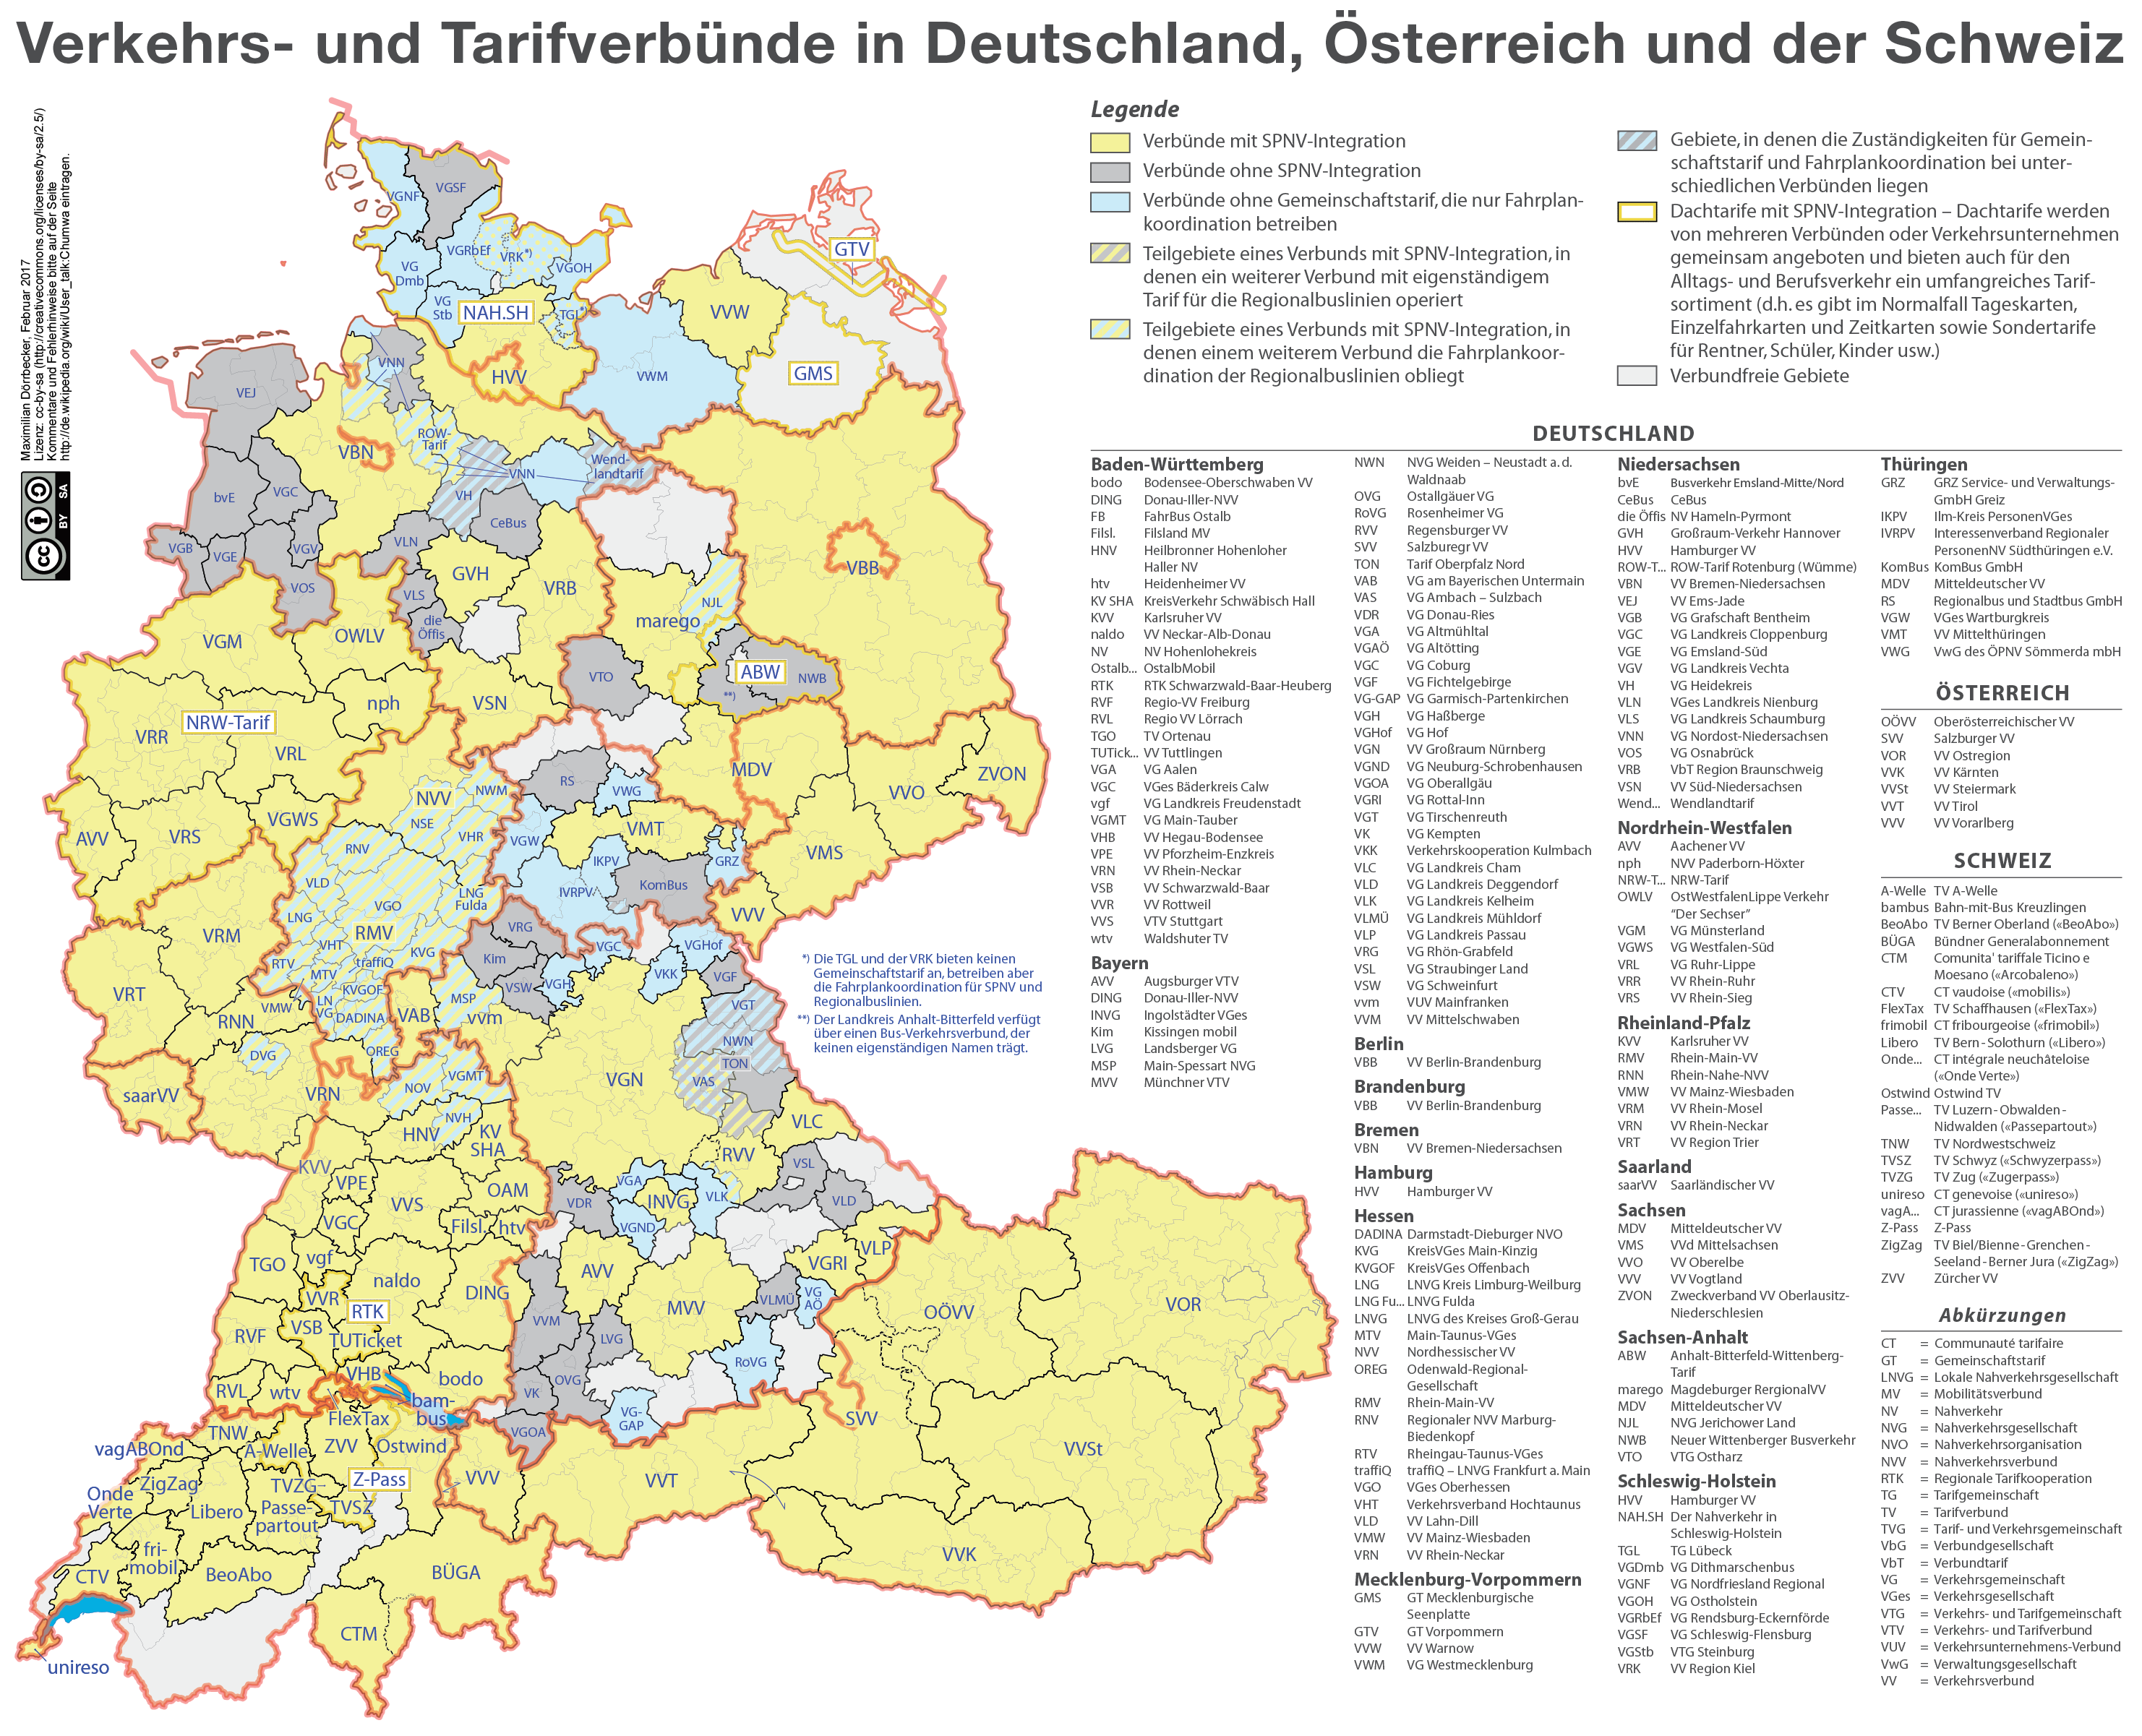 karte_der_verkehrsverbunde_und_tarifverbunde_in_deutschland_osterreich_und_der_schweiz.png